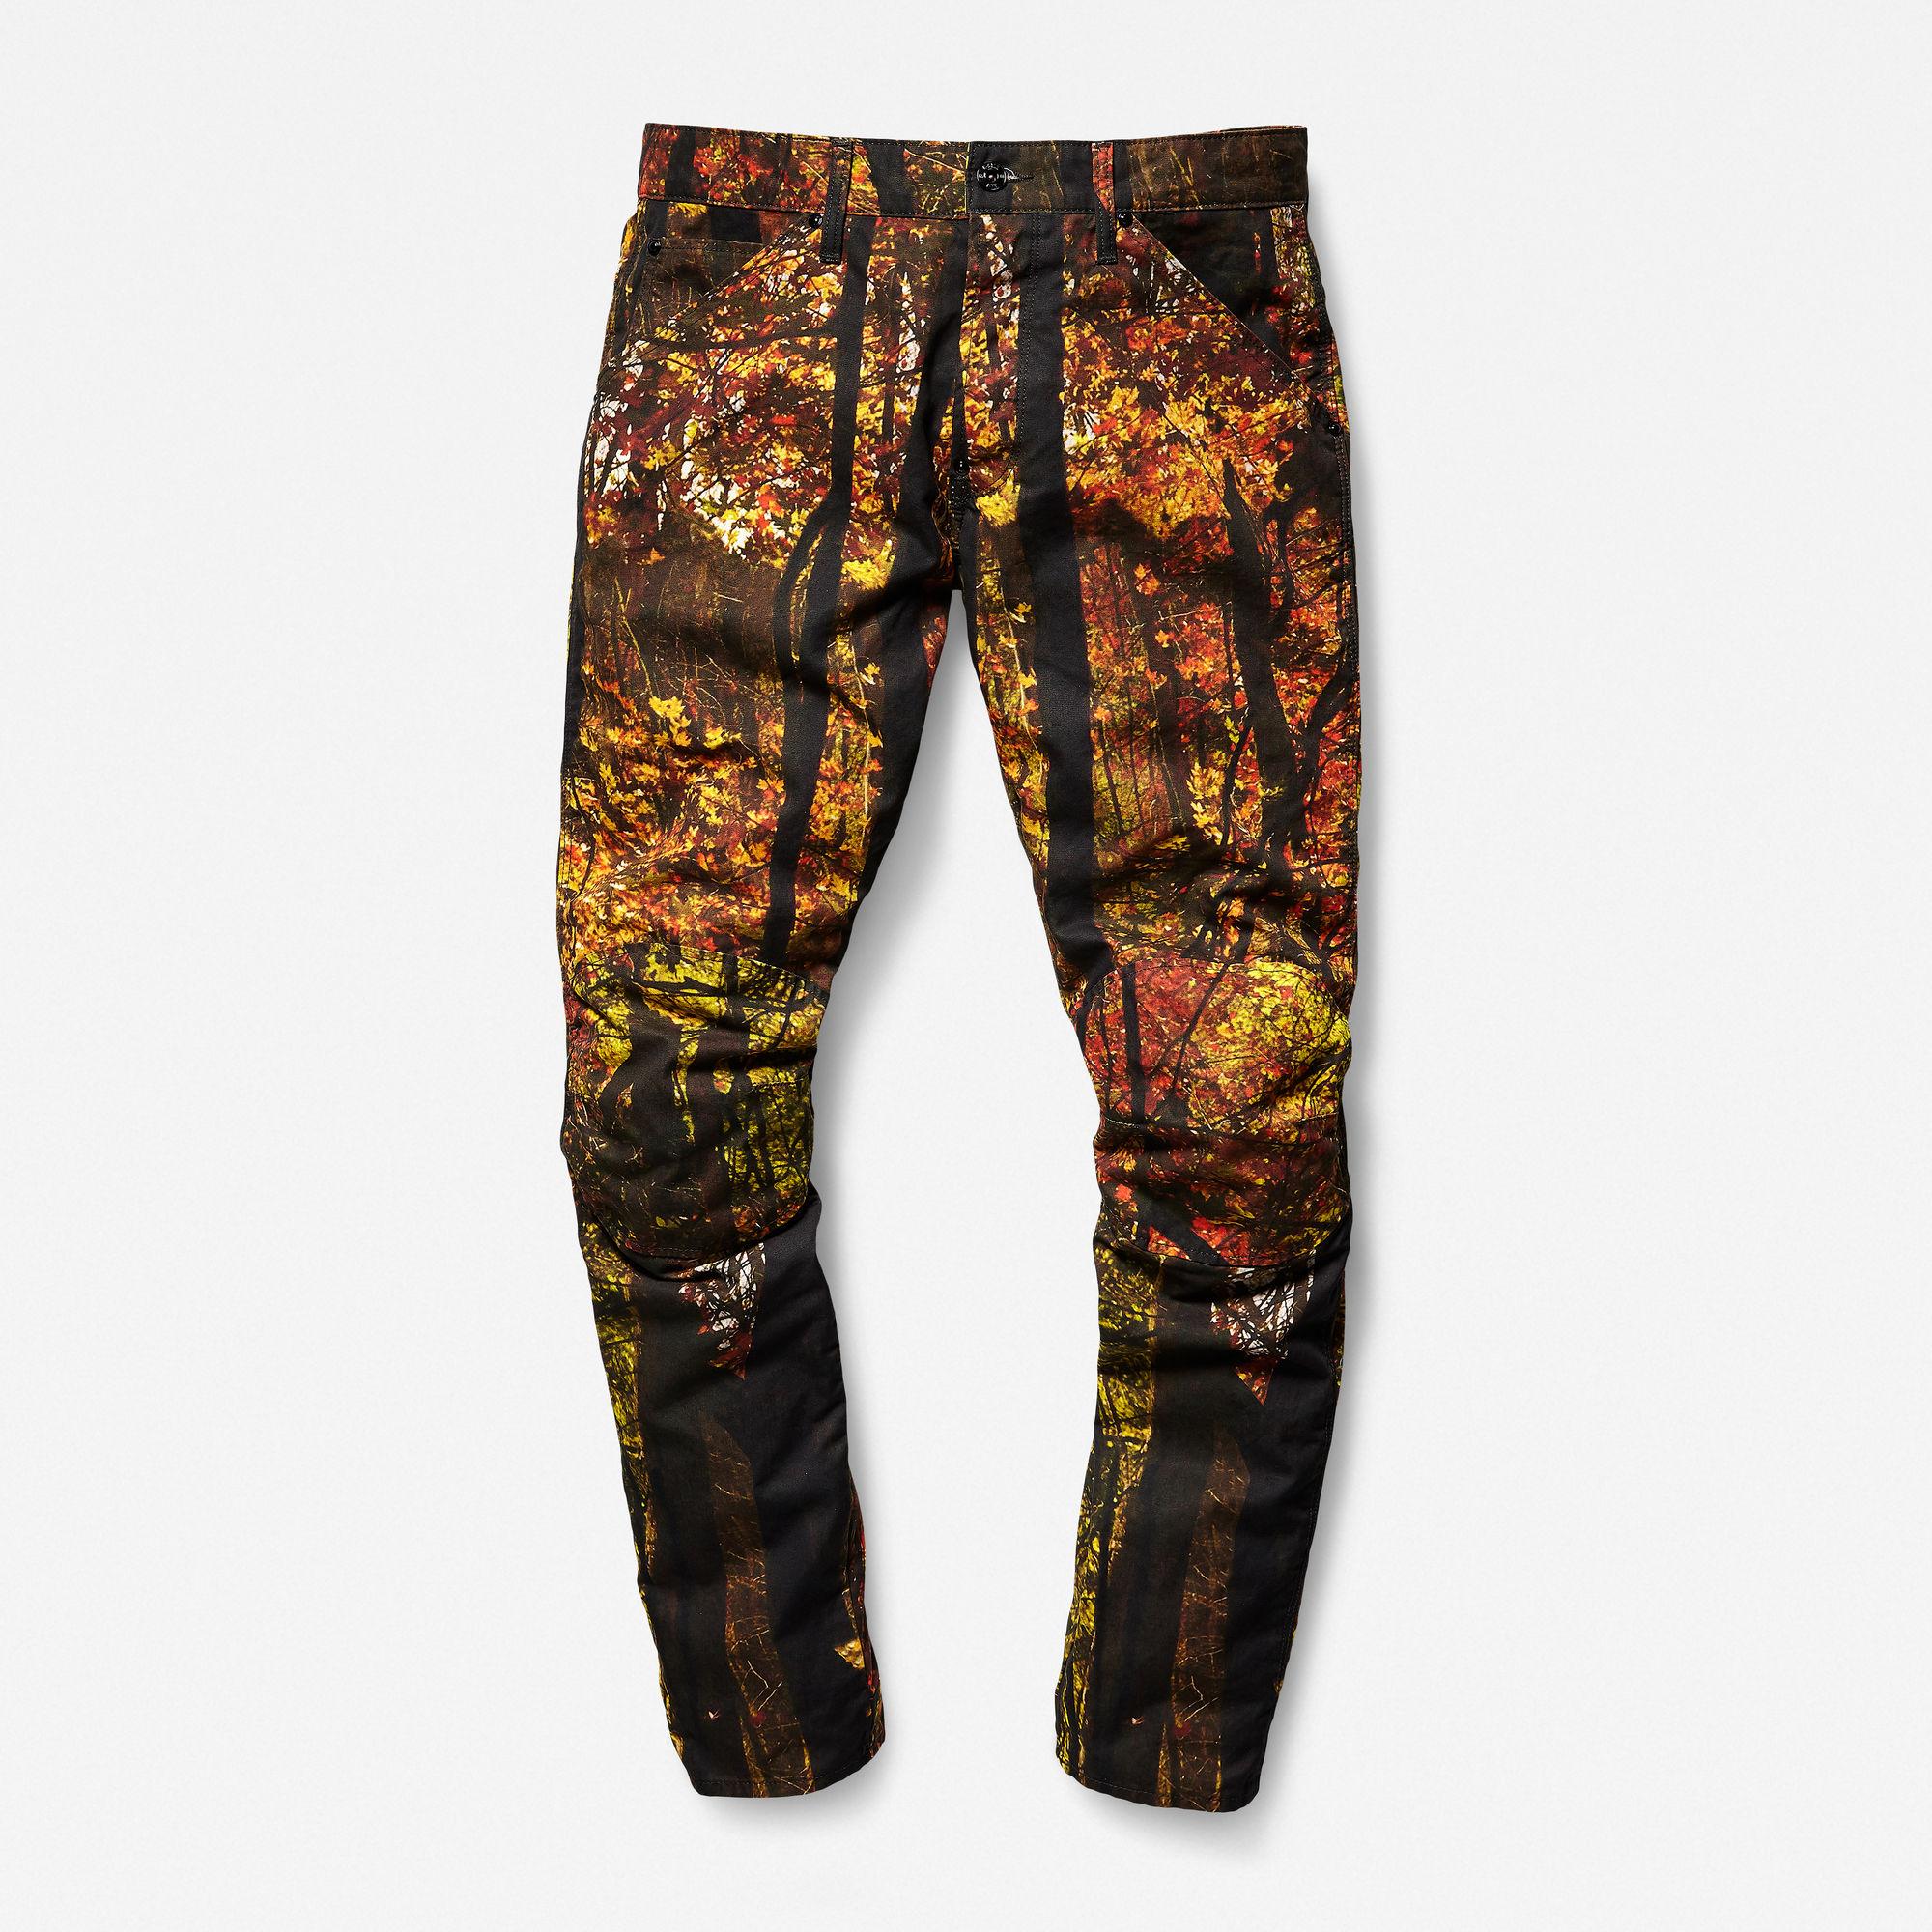 G-Star Elwood 5622 3D Tapered Men's Jeans